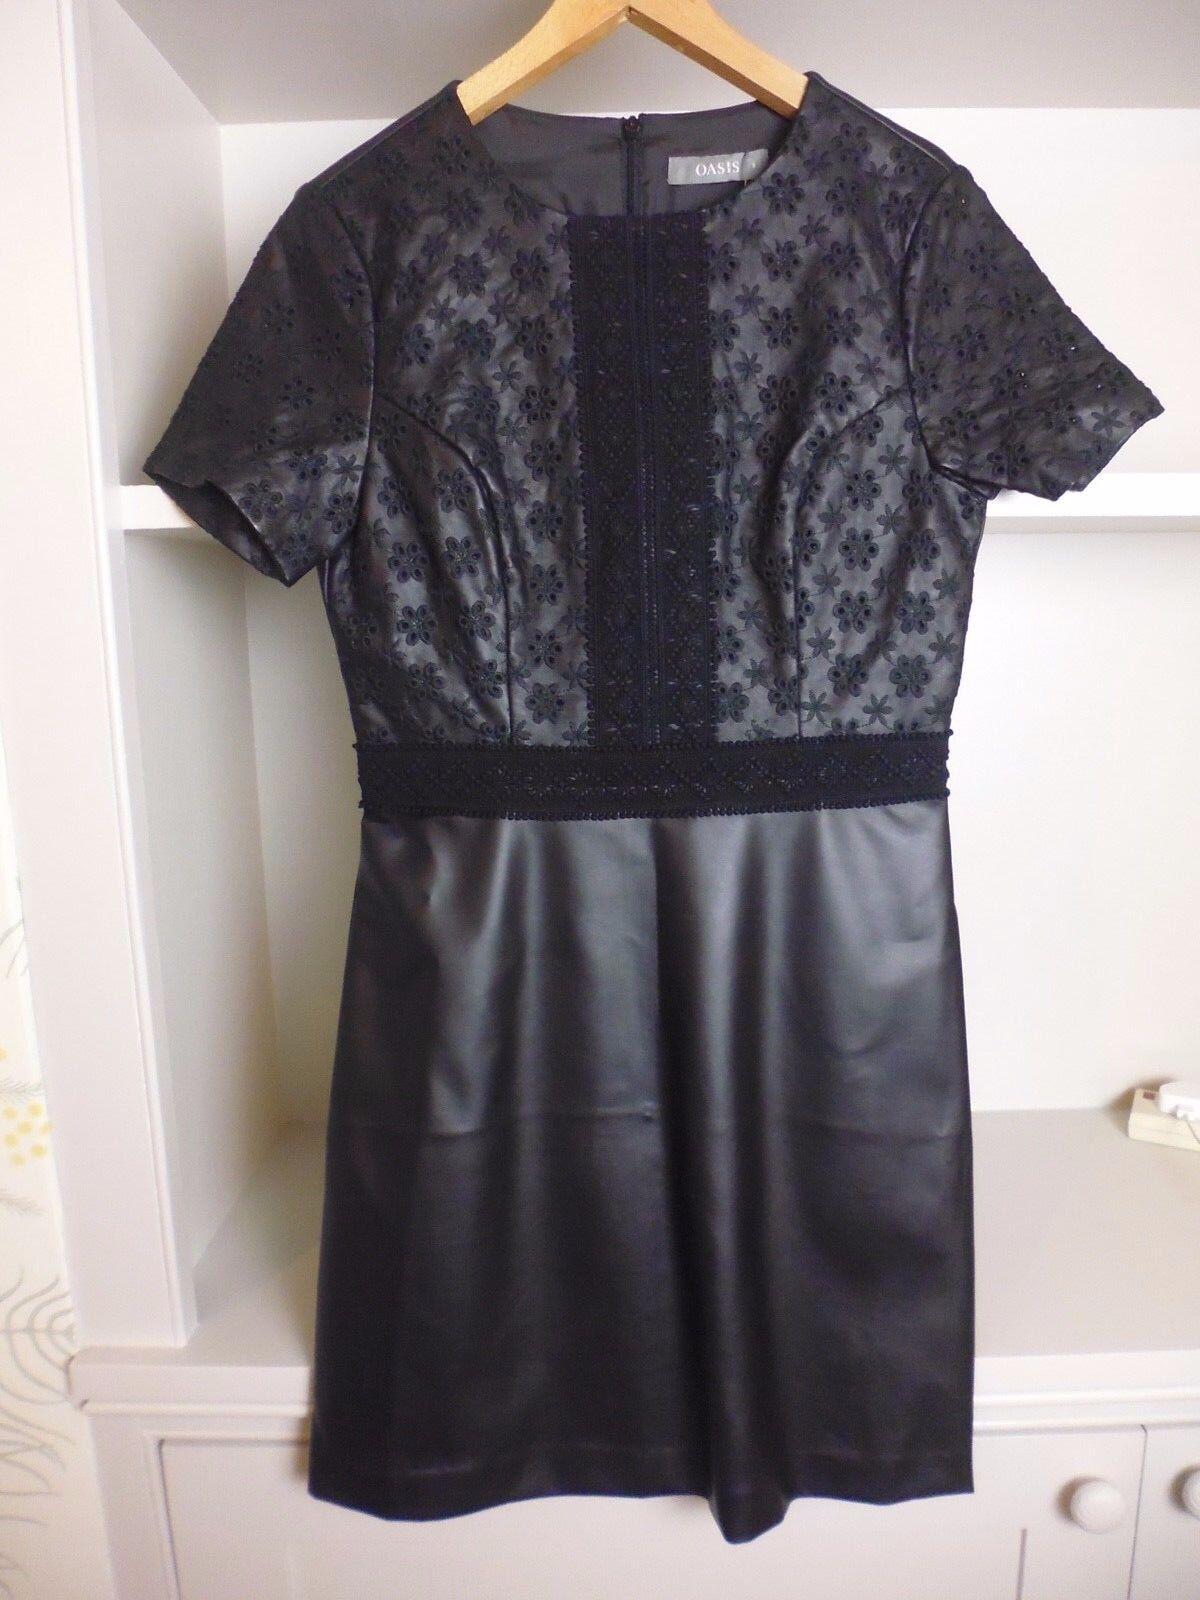 OASIS nero in finta pelle Vegan Shift Dress-Dettagli di Ricamo-Taglia 8-NUOVA CON ETICHETTA